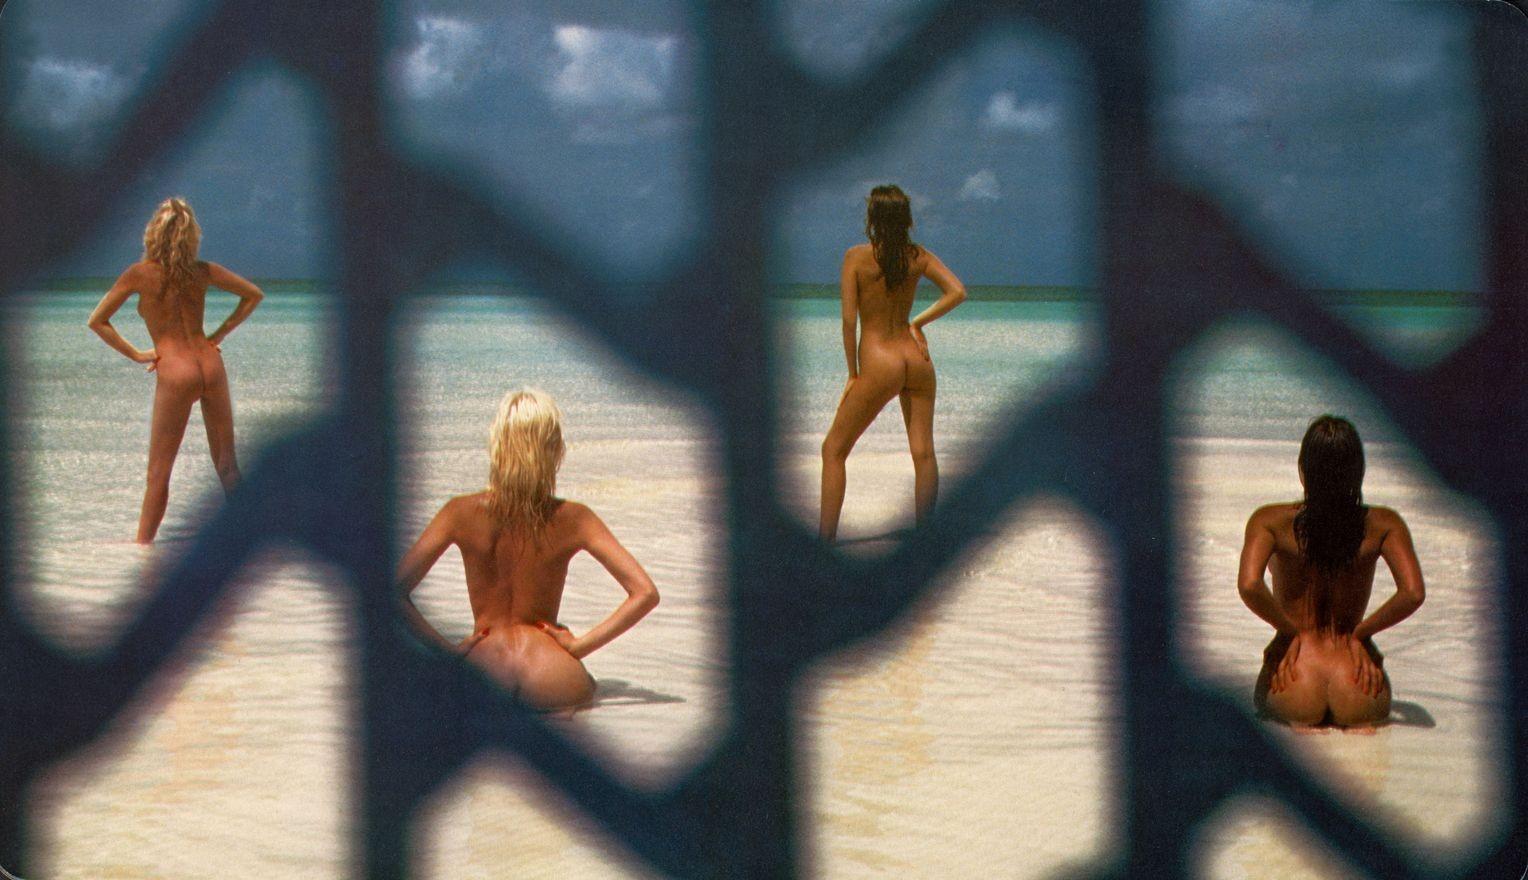 Энджи Лэйн, Сьюзи-Энн Уоткинс, Джей Вуд и Джули Мартин на Багамских островах, 1984. Фотограф Уве Оммер